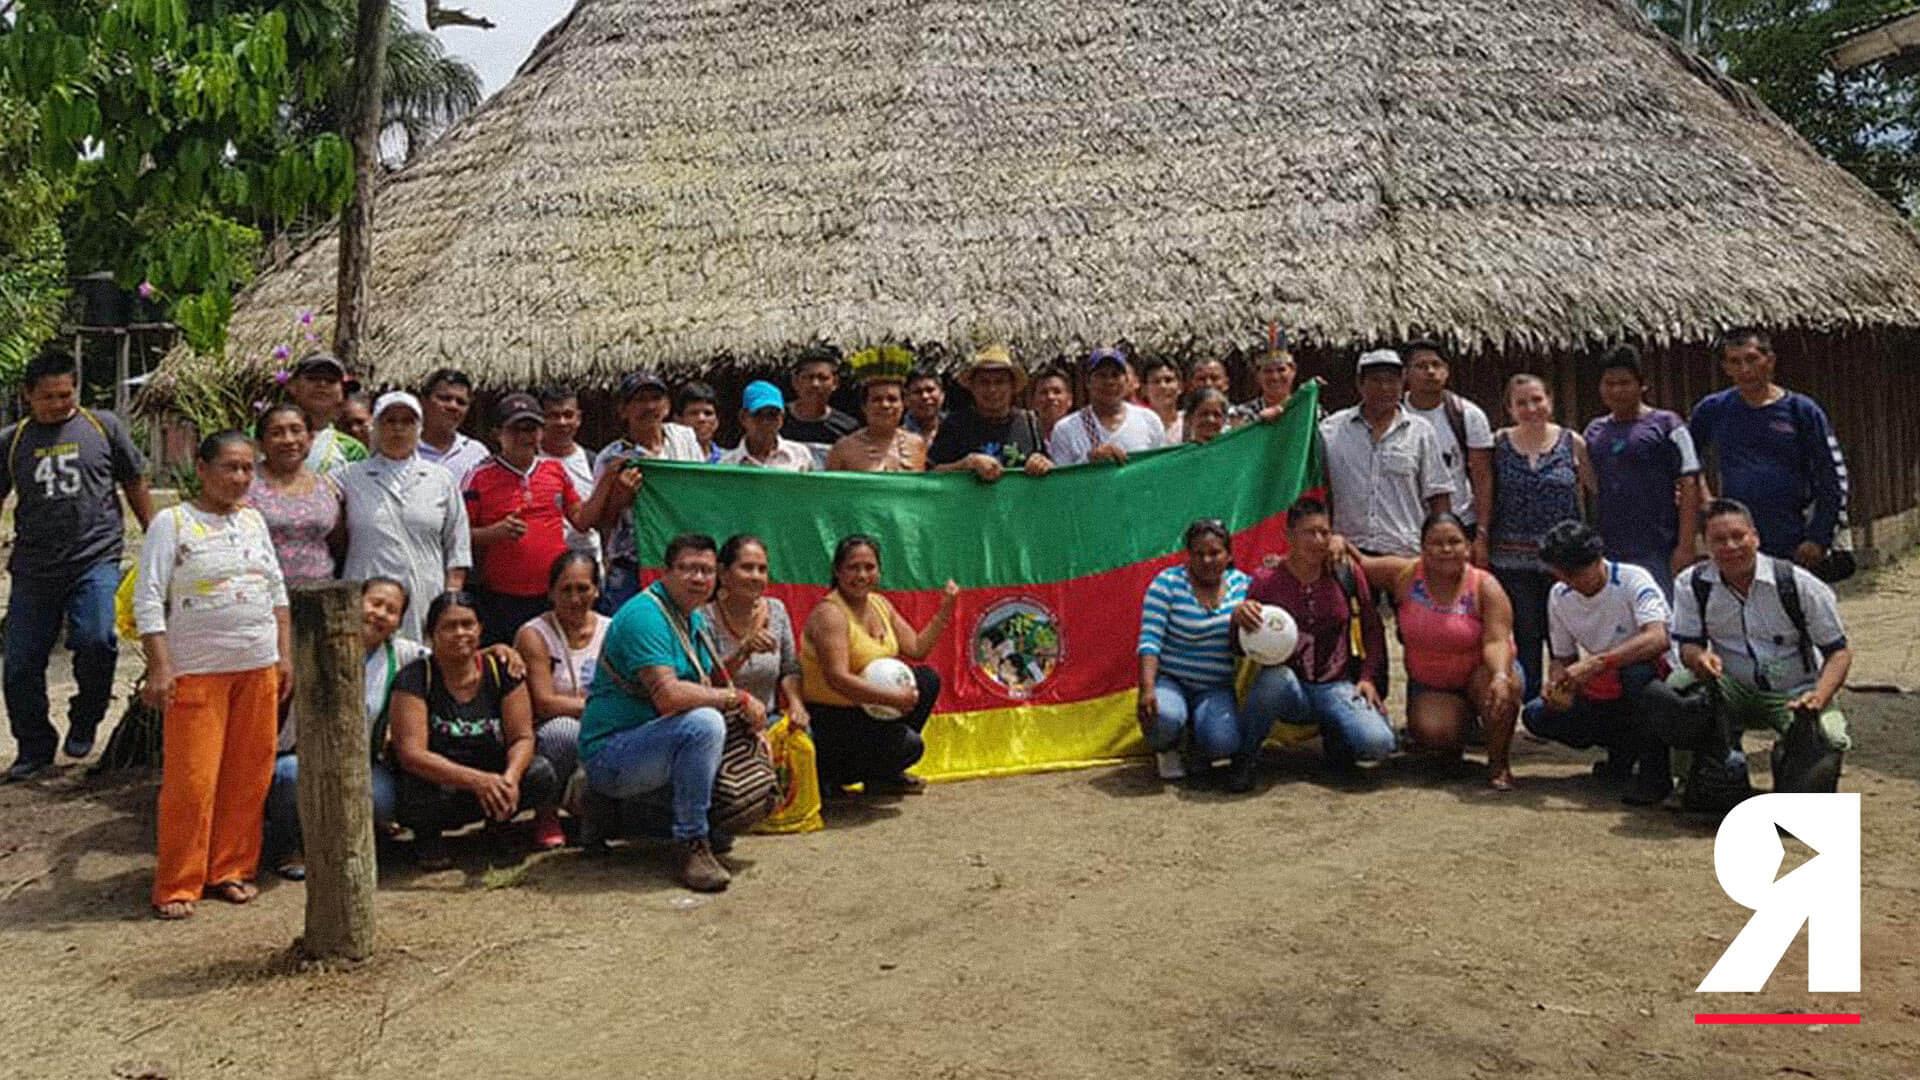 'Duque, no busque excusas para reunirse con el pueblo': indígenas del Cauca